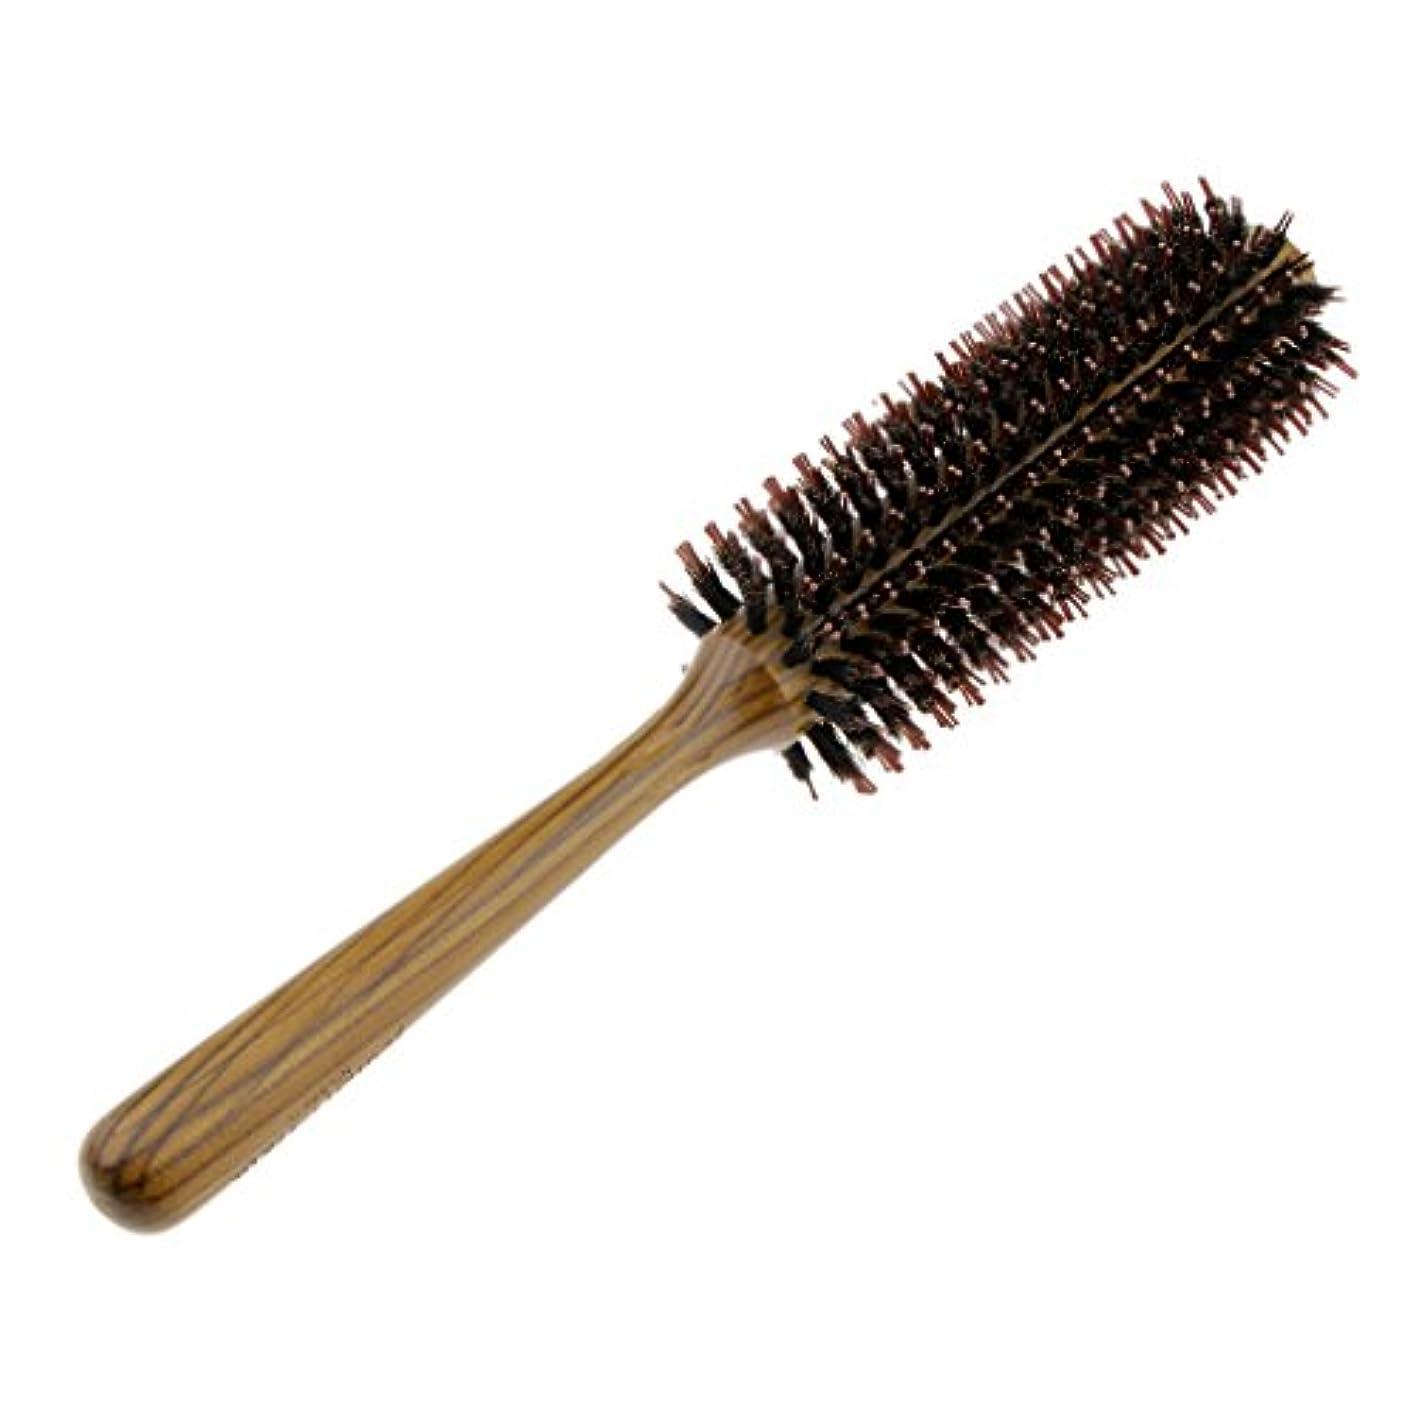 圧倒的最も正統派ロールブラシ ヘアブラシ コーム ヘアスタイリング 櫛 くし カール 巻き髪 3サイズ選べる - L